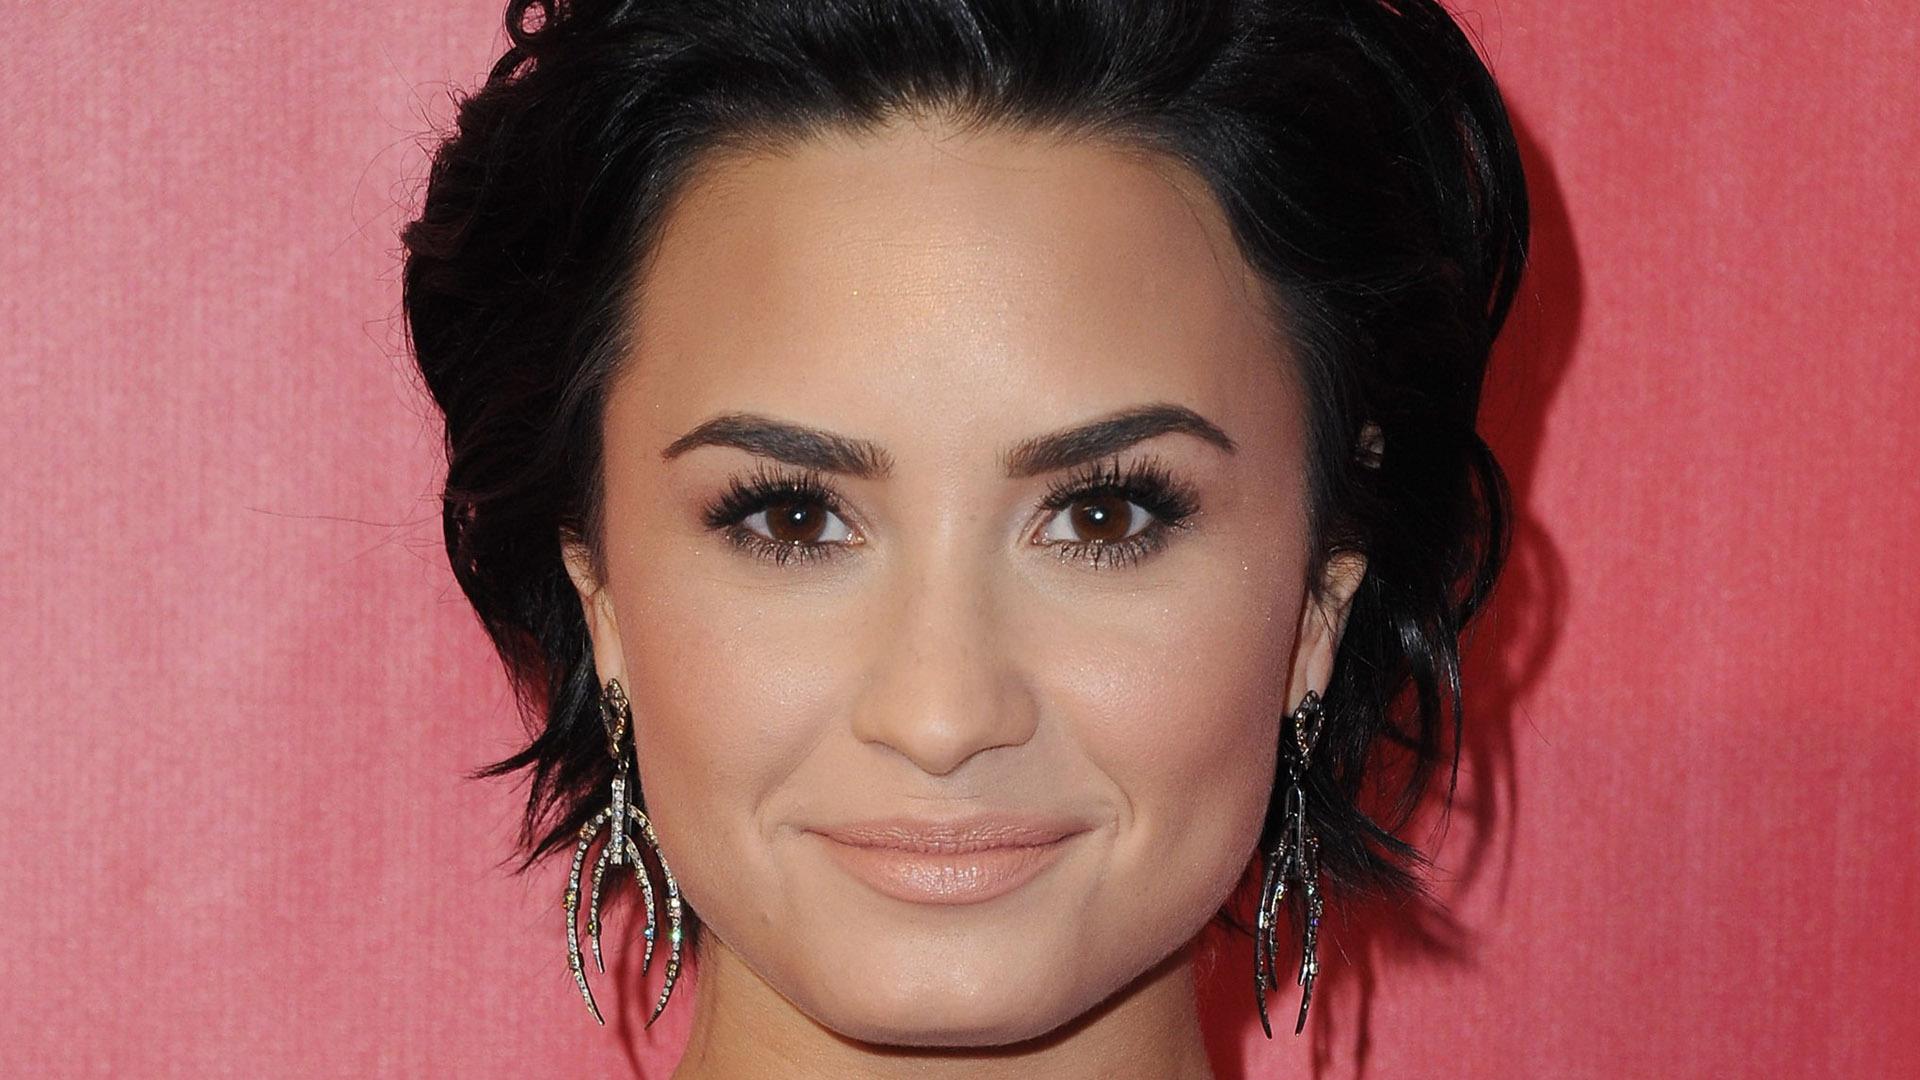 Demi Lovato Short Hd Background